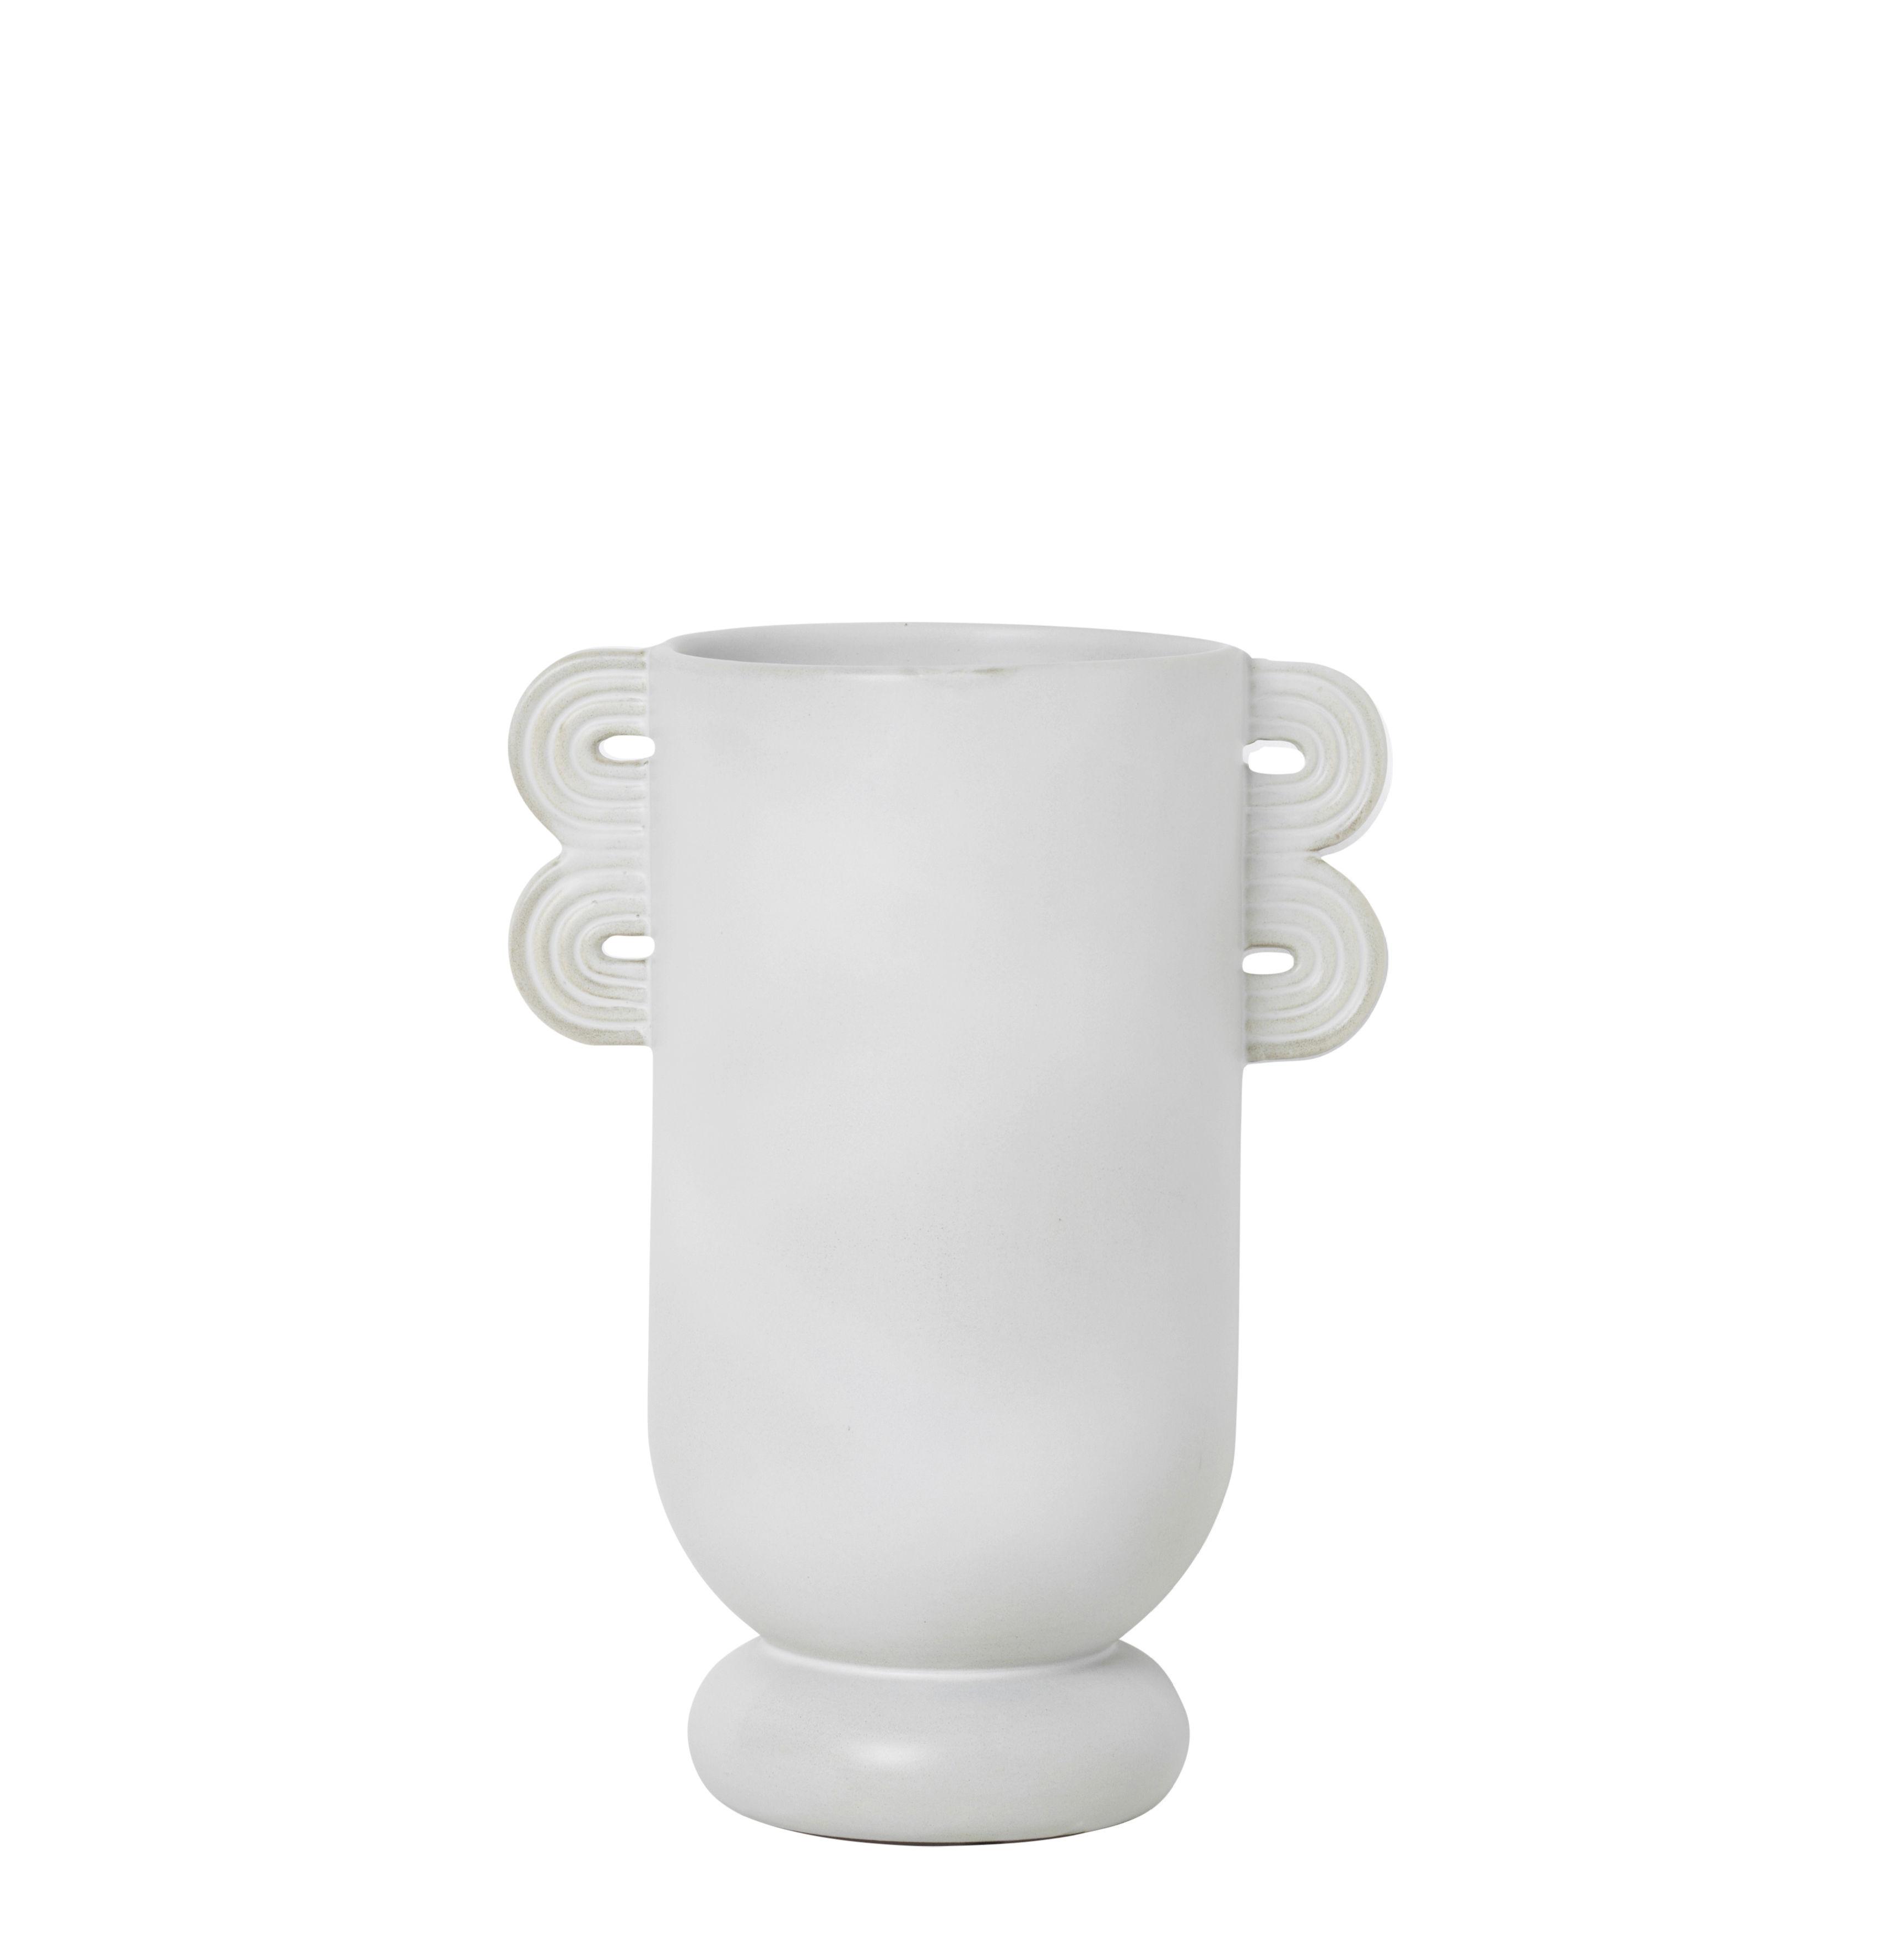 Déco - Vases - Vase Muses - Ania /L 19 x H 26 cm - Ferm Living - Ania / Blanc - Grès émaillé